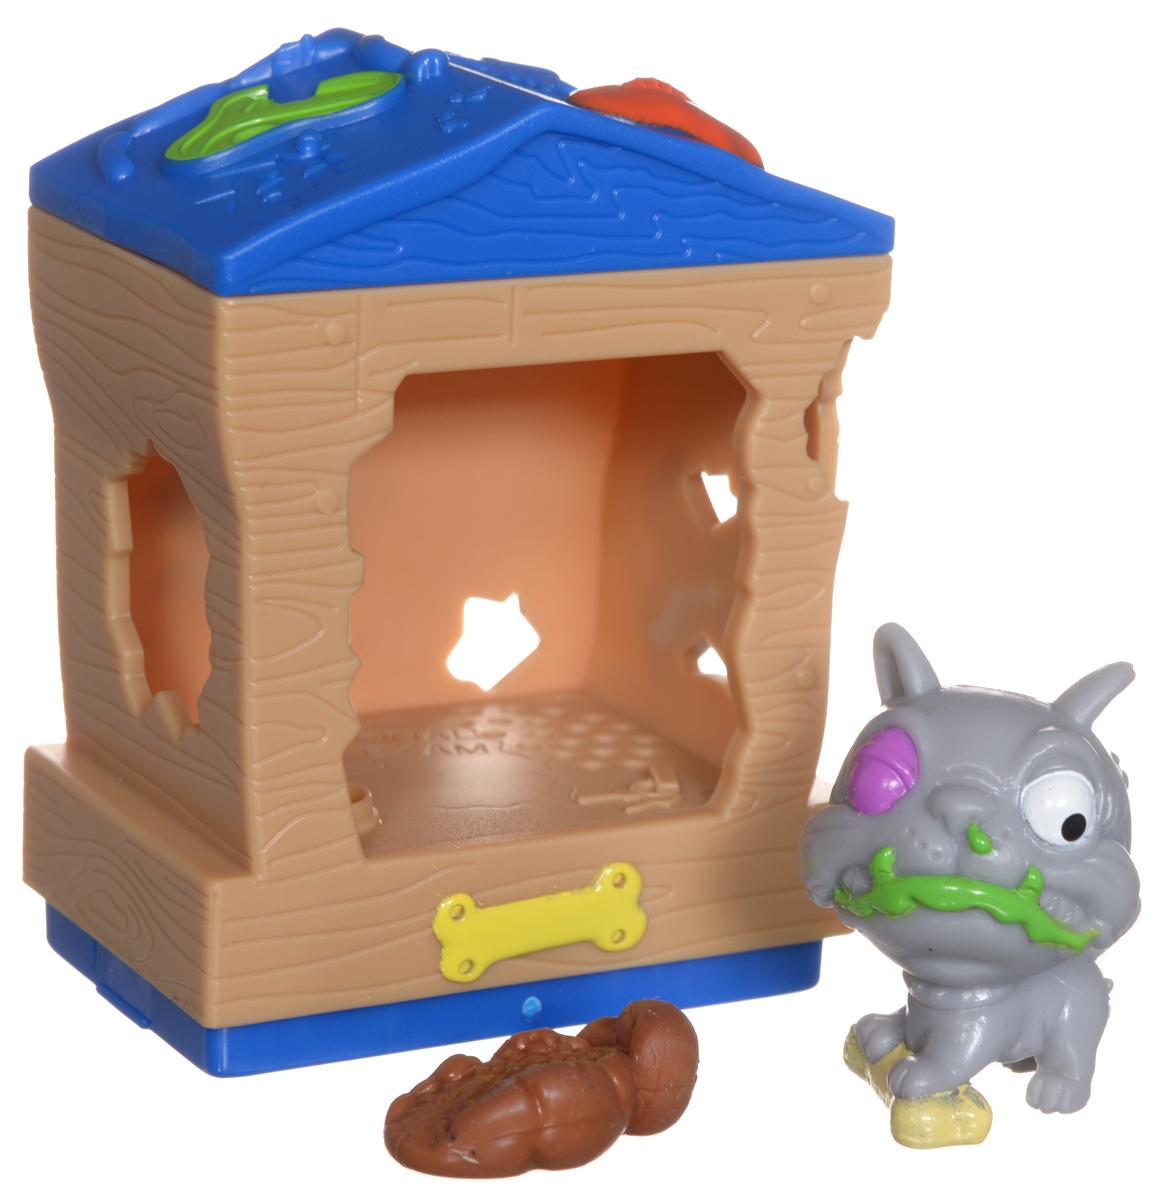 Ugglys Pet Shop Игровой набор Домик с фигуркой Mutt Hut19411_mutt hutИгровой набор из серии Хулиганские животные состоит из домика со звуковыми эффектами и уникальной фигурки питомца, которую нельзя найти в других упаковках и наборах серии. Домик выполнен в ярких цветах и притягивает взгляд. Если внутри него поместить мини-фигурку животного и надавить на пол - будут раздаваться звуки. В ассортименте представлено 6 домиков, которые можно состыковать один с другим и построить большой зоомагазин с эксклюзивными животными. Такая удивительная игрушка обязательно понравится вашей малышке! Порадуйте ее таким замечательным подарком! Для работы требуются 2 батарейки типа LR44 (комплектуется демонстрационными).